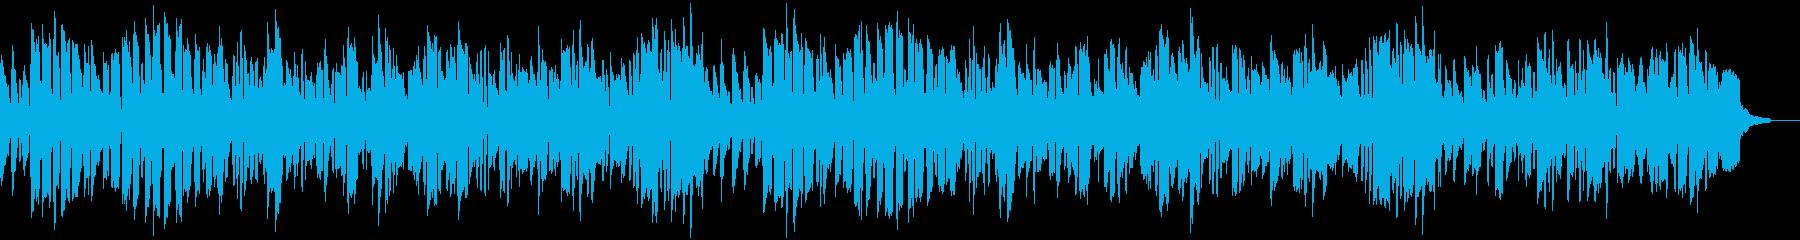 【リズム抜】ほのぼのとした場面に合う劇伴の再生済みの波形